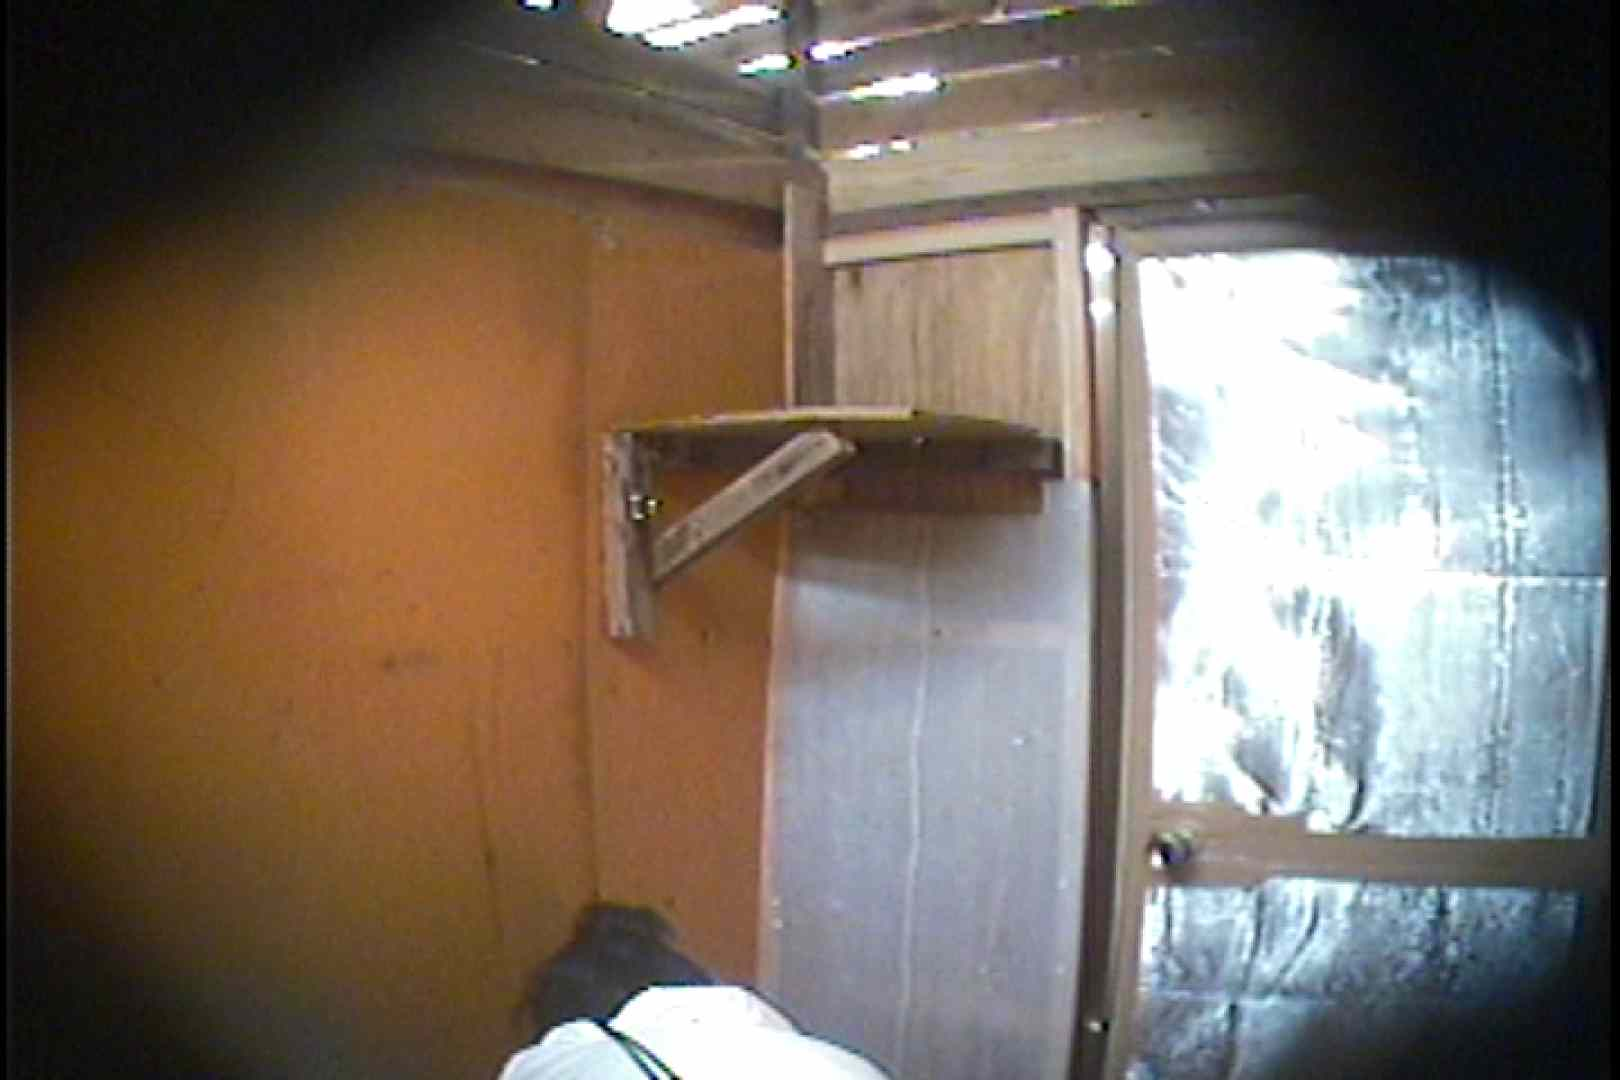 海の家の更衣室 Vol.37 シャワー オマンコ動画キャプチャ 107枚 26